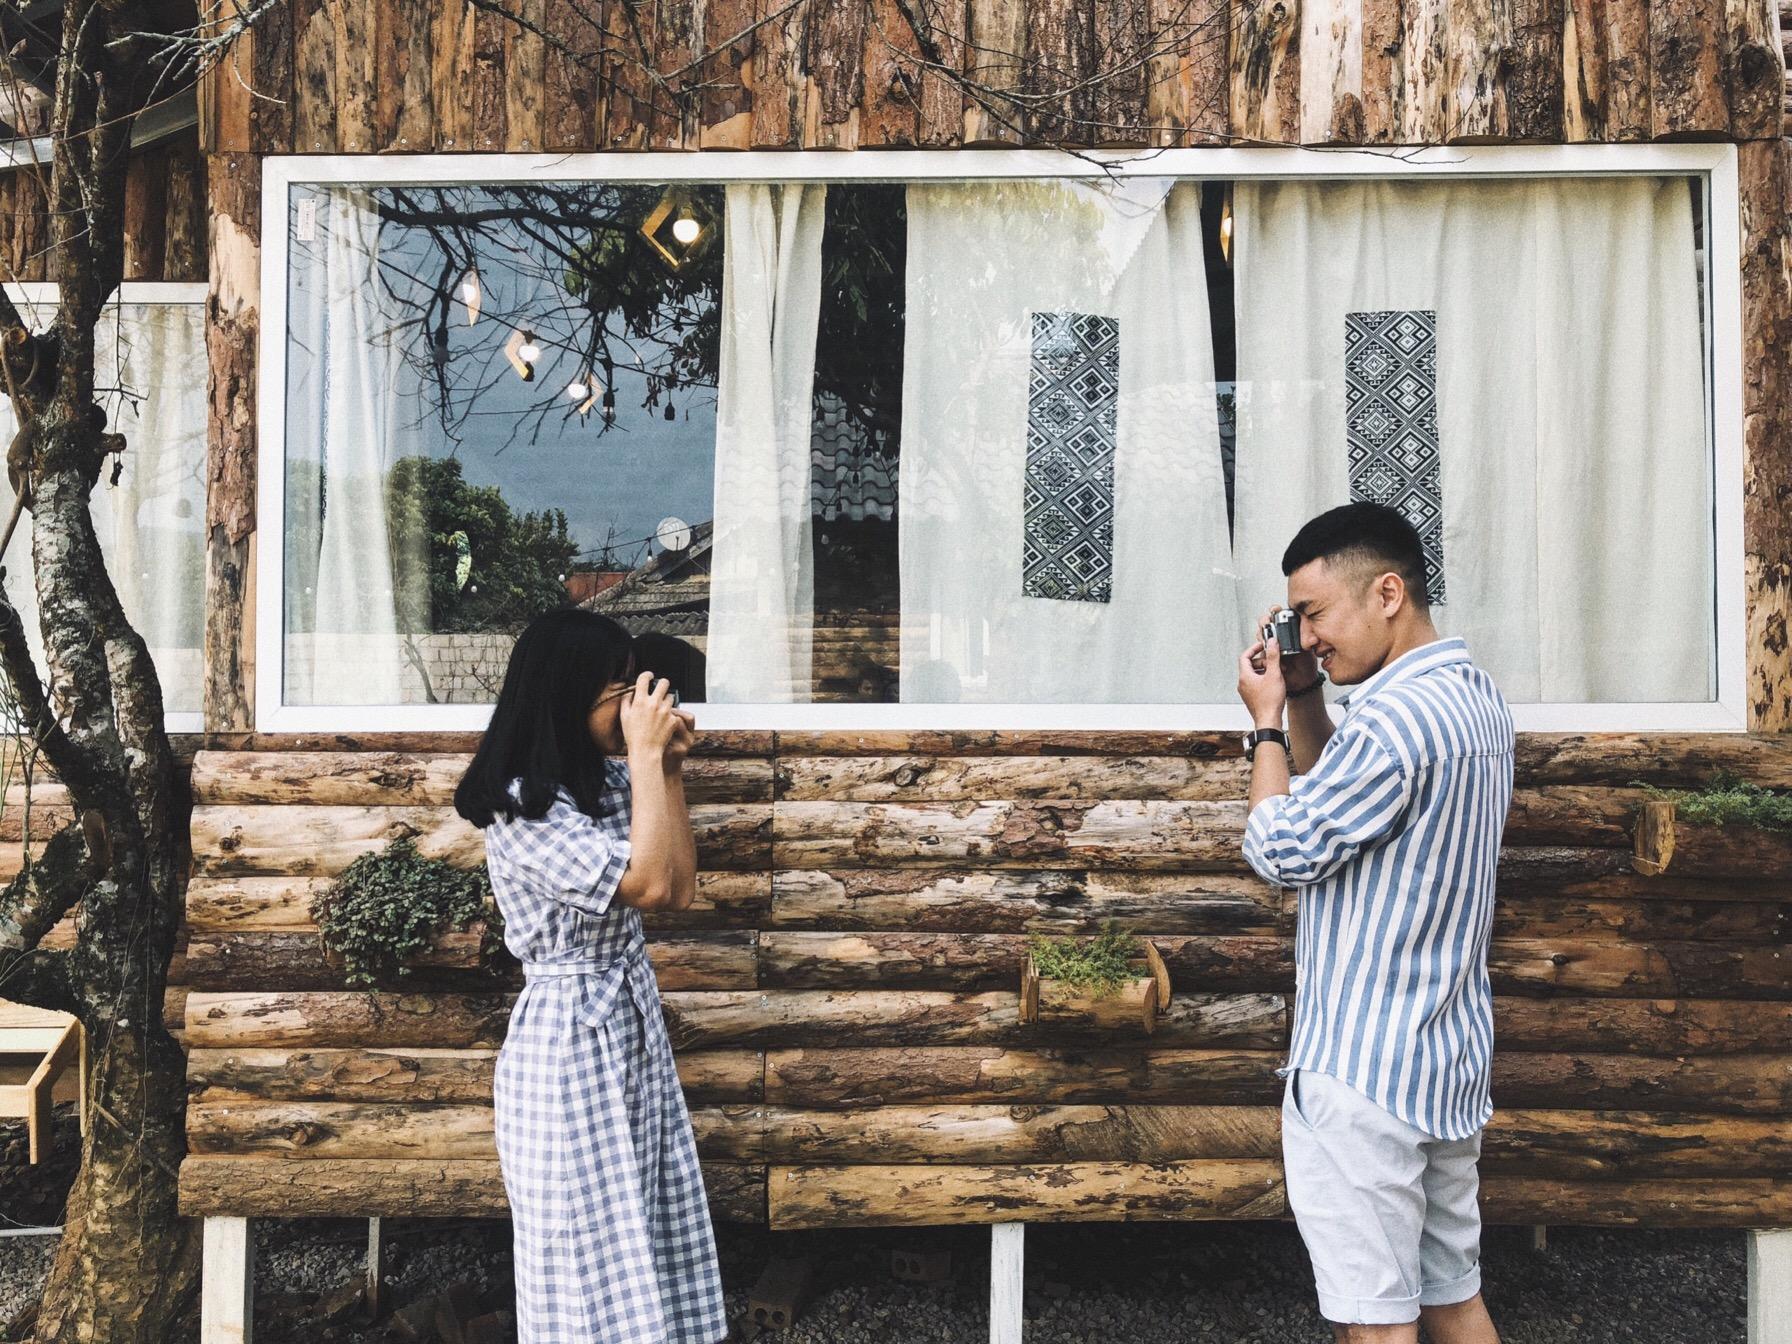 Mộc Châu còn có nhiều điểm lưu trú đẹp dành cho cặp đôi. Hình: Sưu tầm